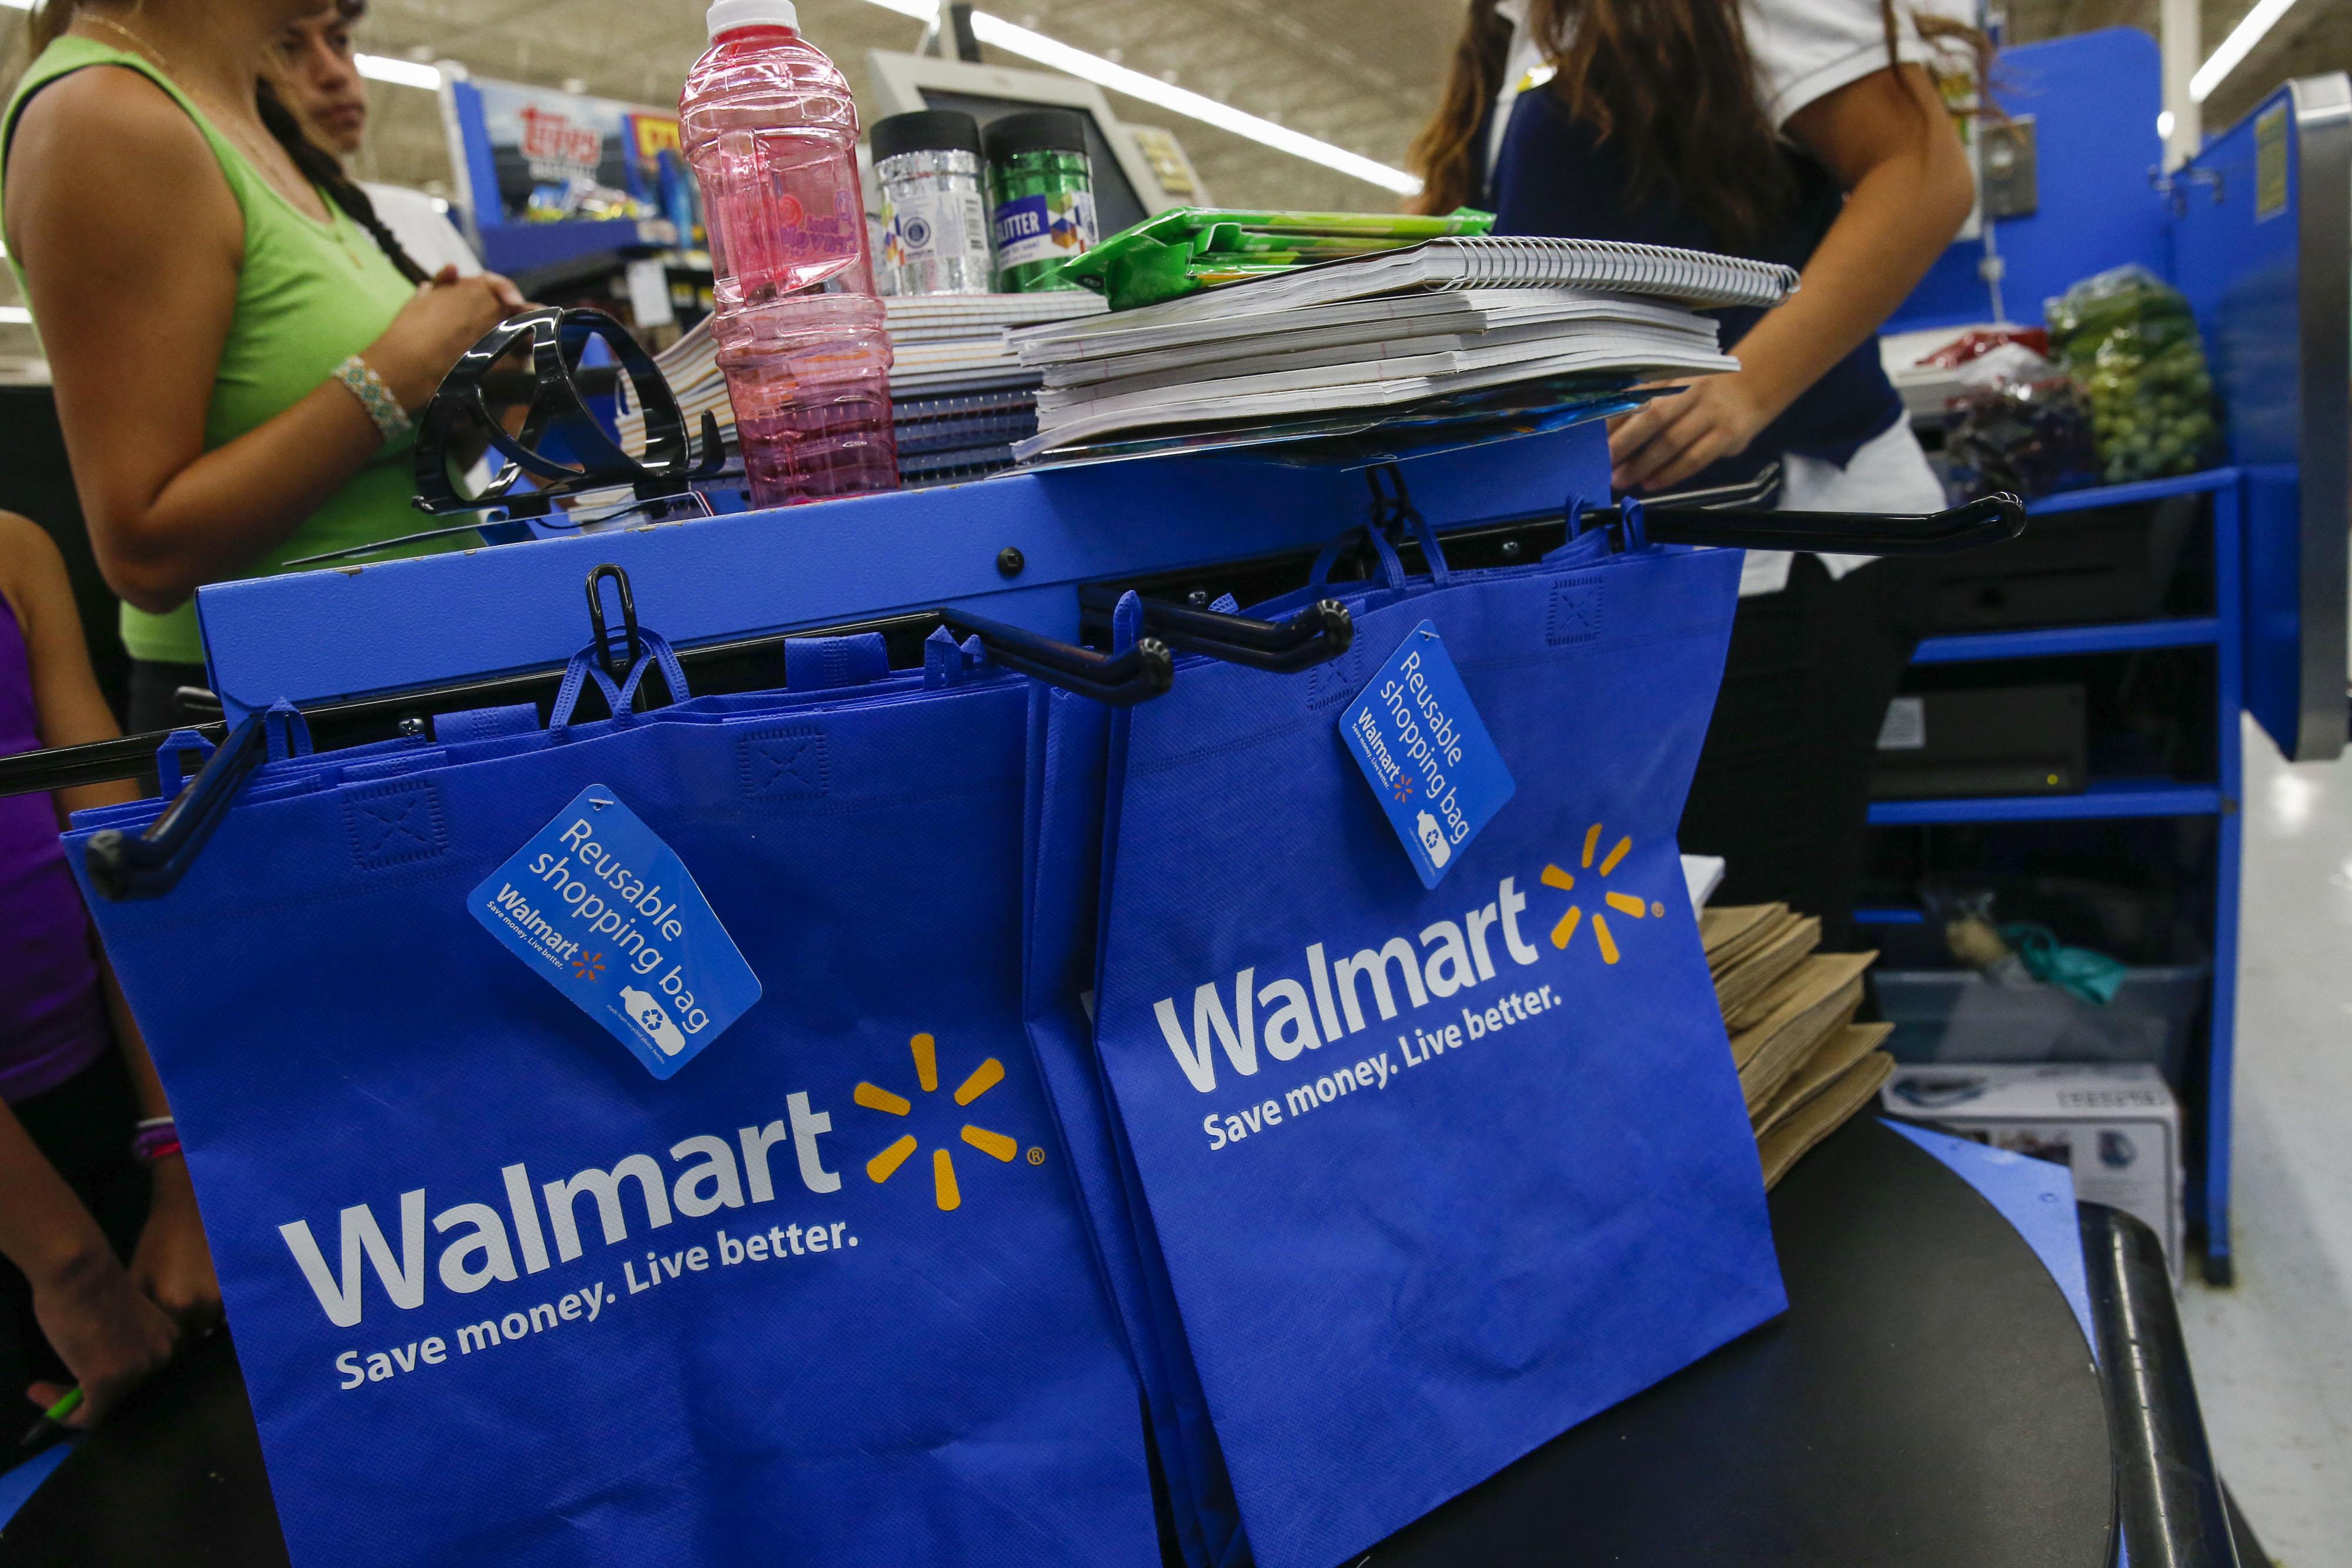 J P  Morgan Sets Up Chase Pay Digital Wallet at Walmart